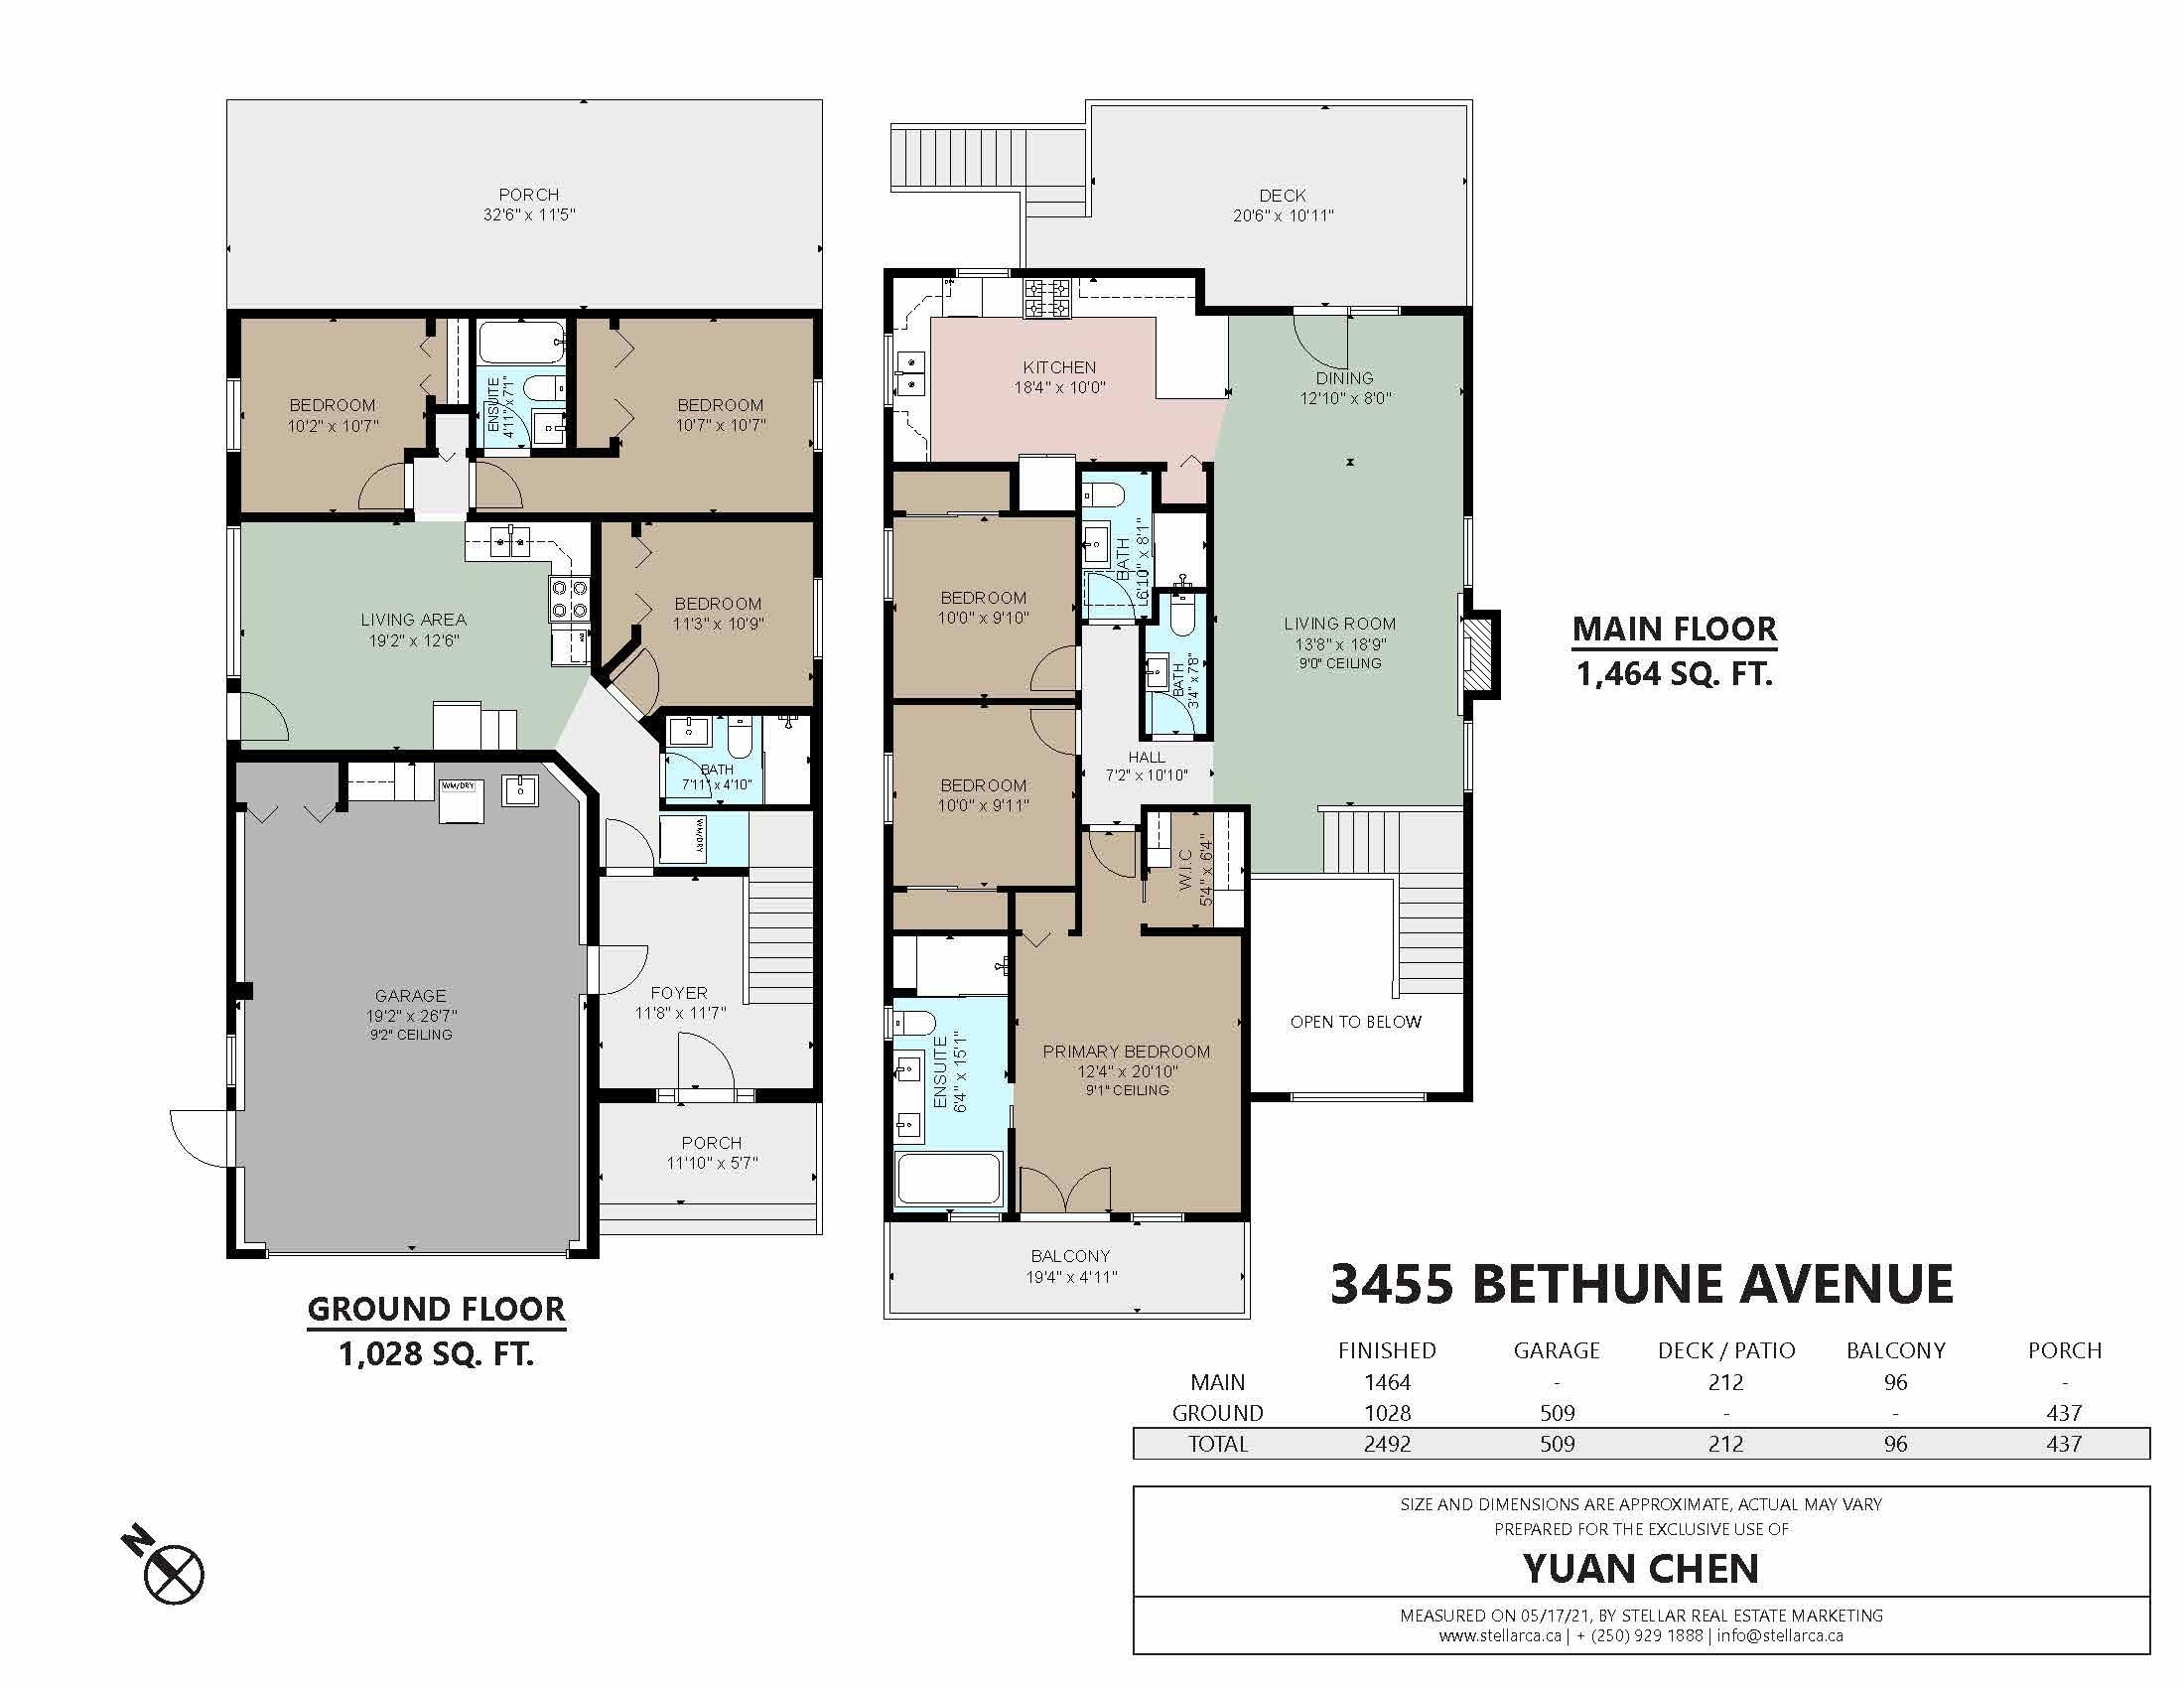 3455 Bethune Ave